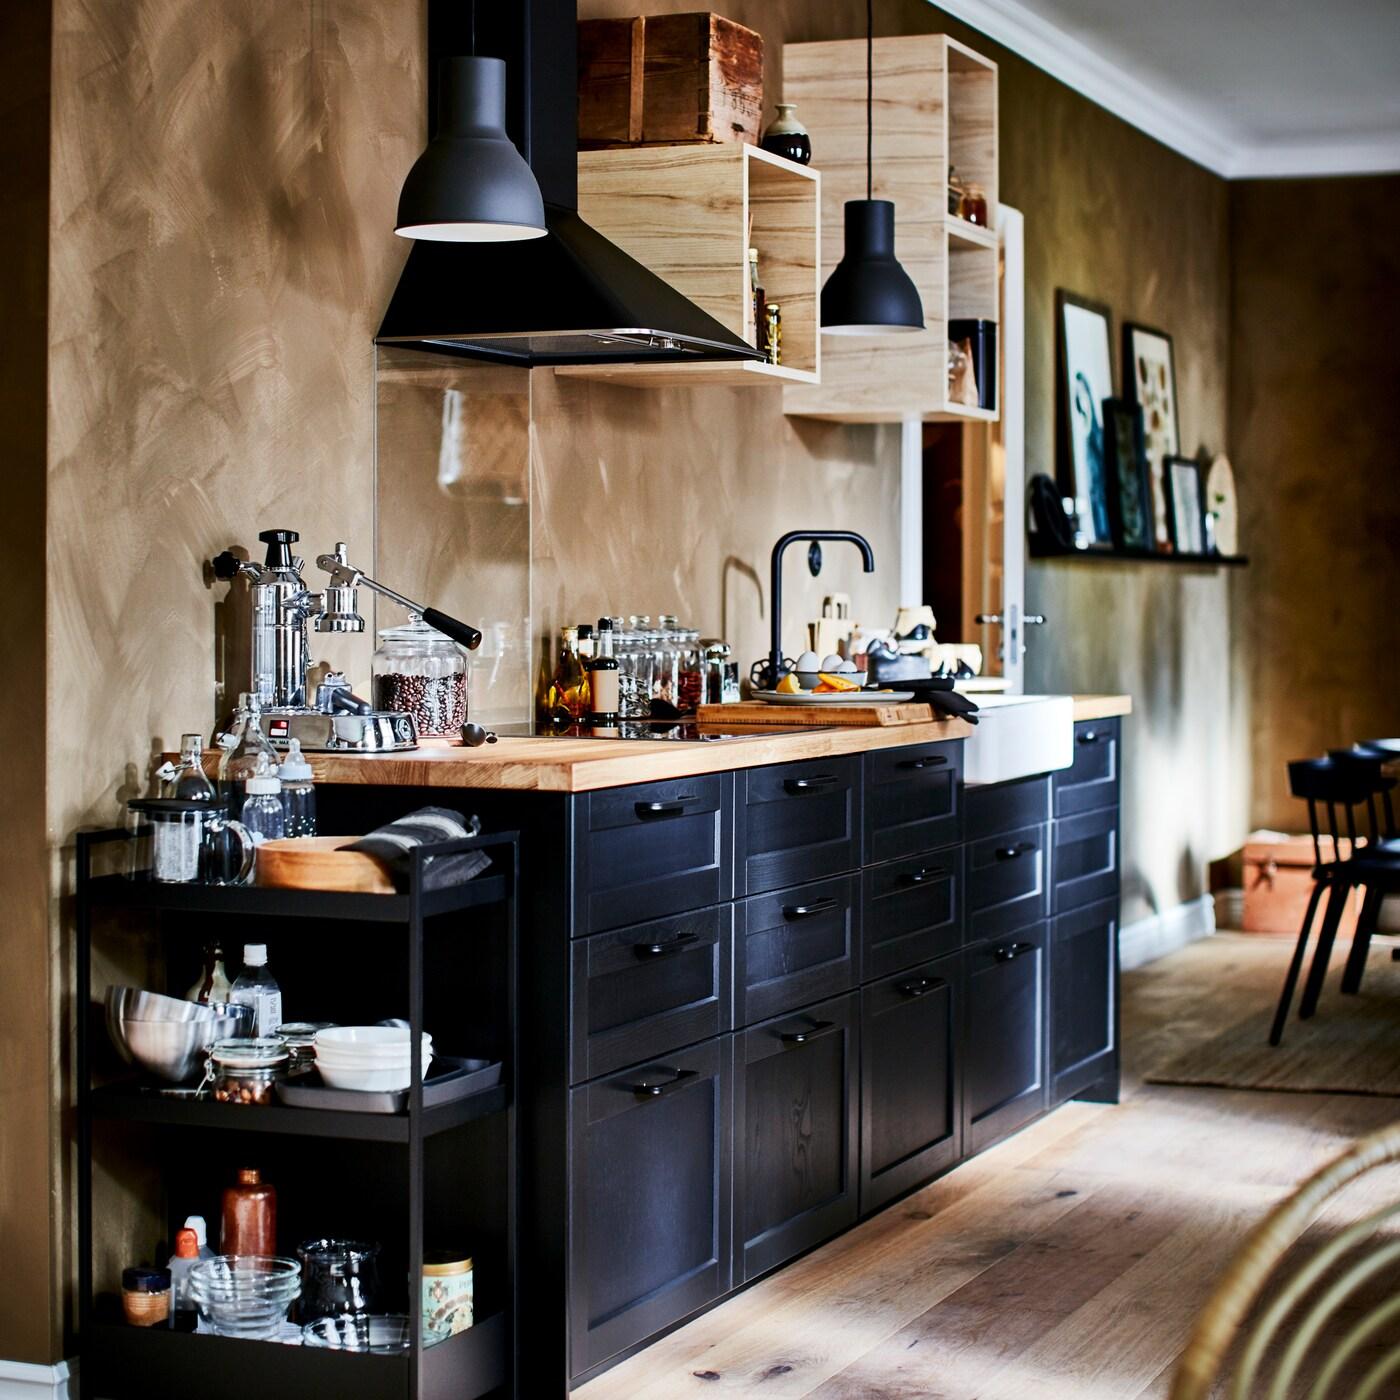 Кухня с черными фронтальными панелями для ящиков, деревянной столешницей, черной тележкой, открытыми настенными шкафами и двумя темно-серыми подвесными светильниками.